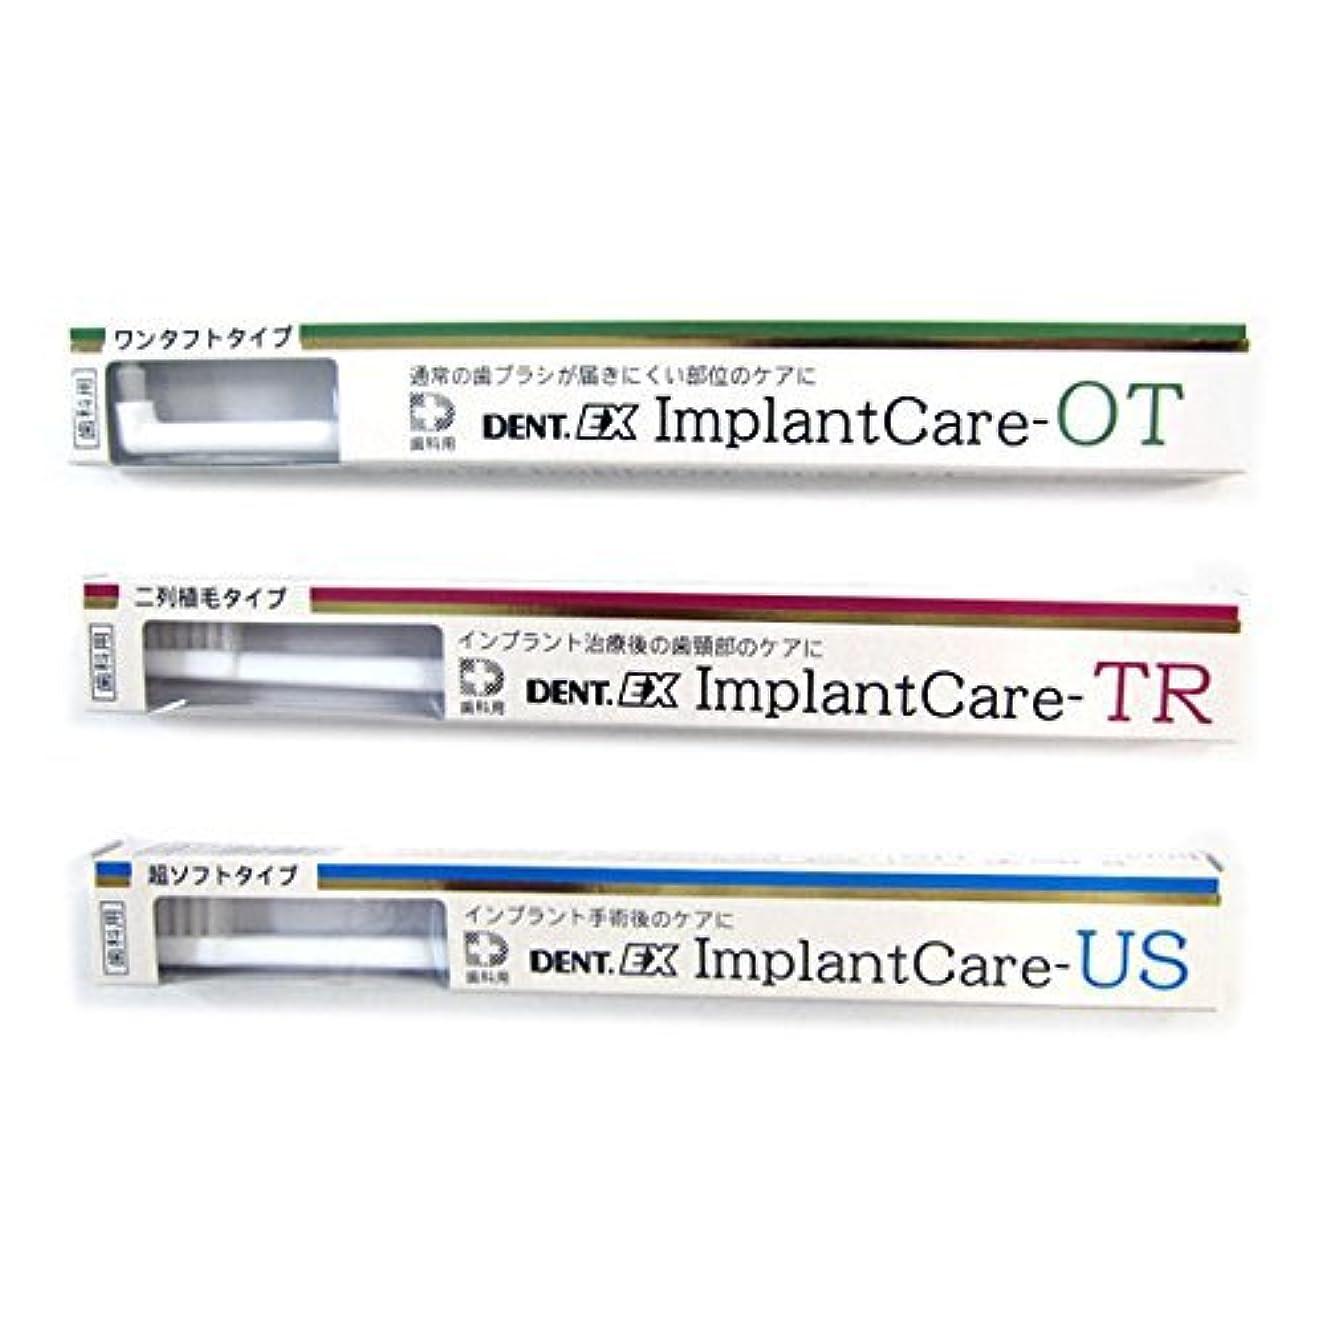 活力監査部デント DENT EX ImplantCare インプラントケア 単品 OT(ワンタフト)